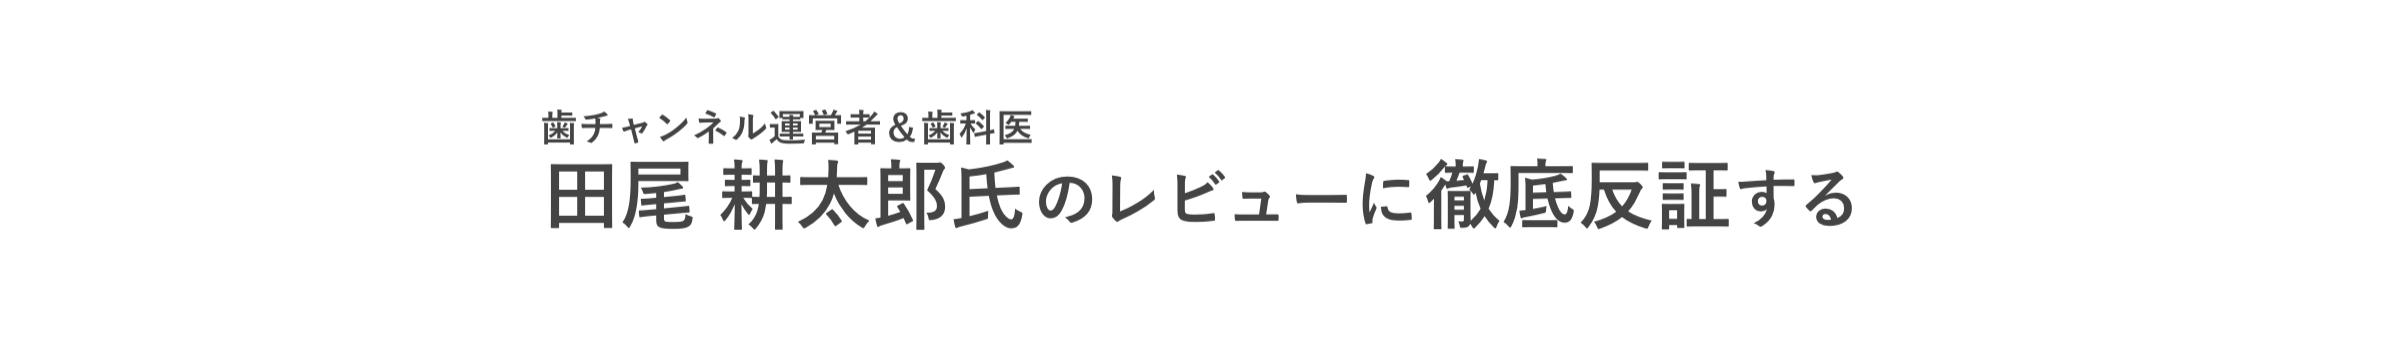 歯チャンネル・田尾耕太郎のレビューへ徹底反証